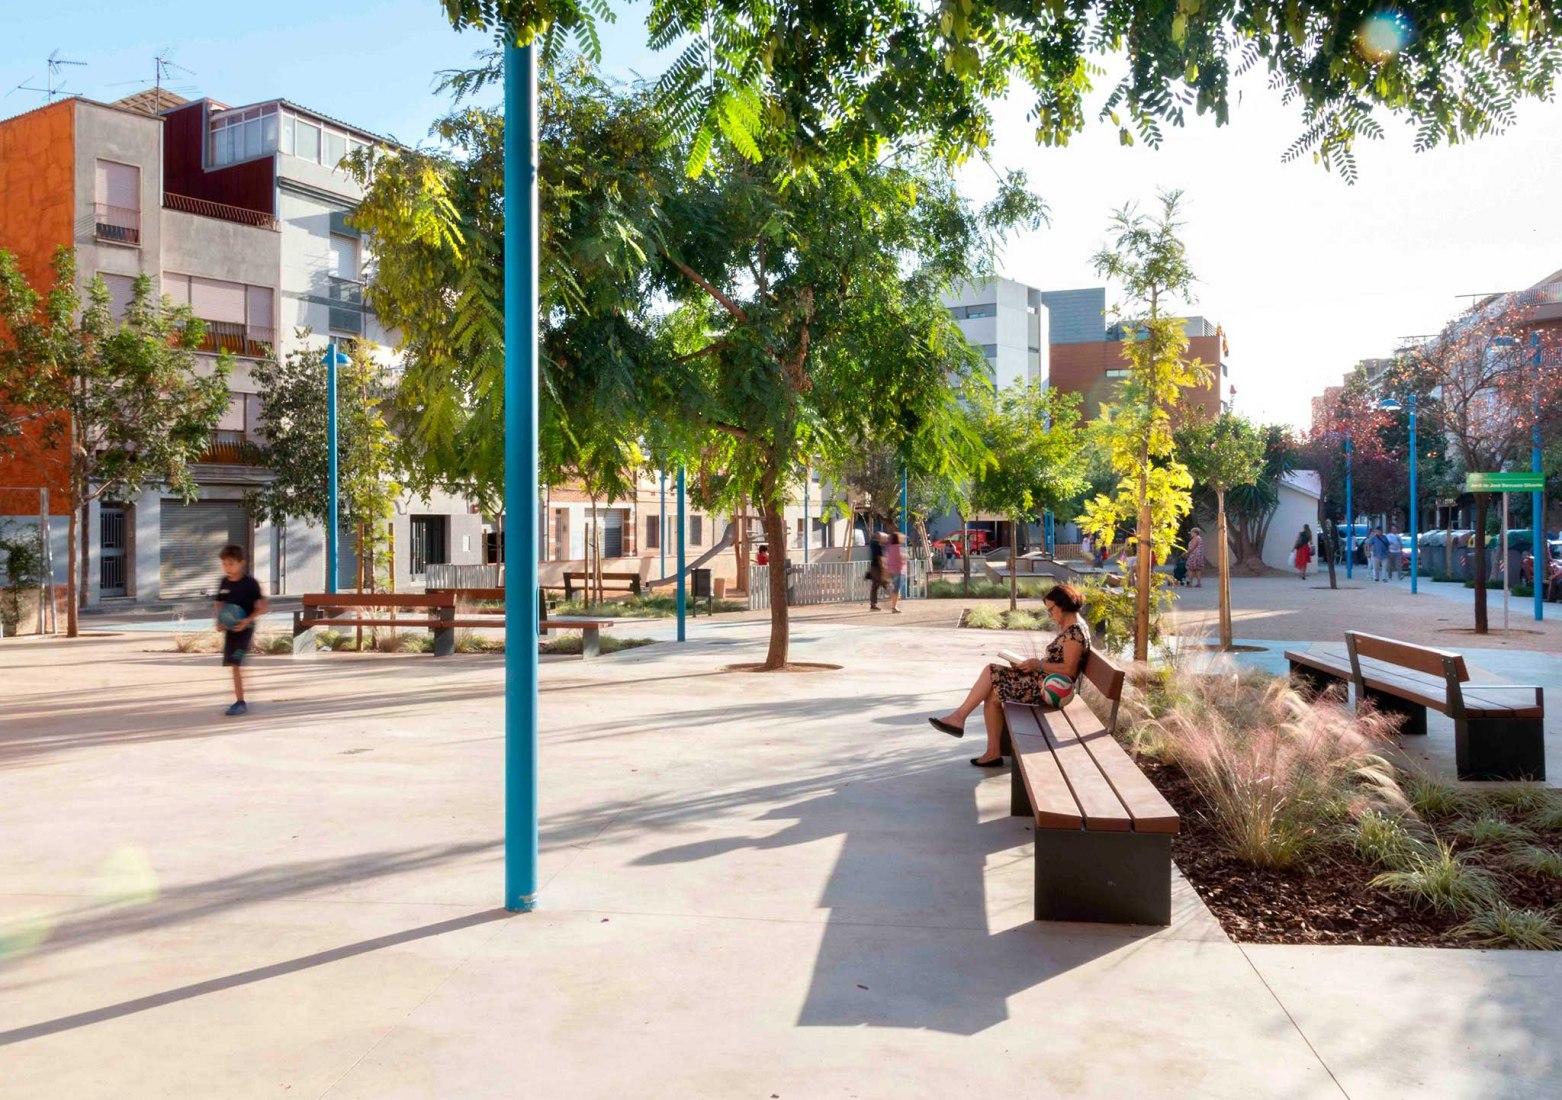 Fem dissabte a la Plaça d'en Baró!Una plaza feminista diseñada con la infancia por Equal Saree. Fotografía por Conchi Berenguer Urrutia